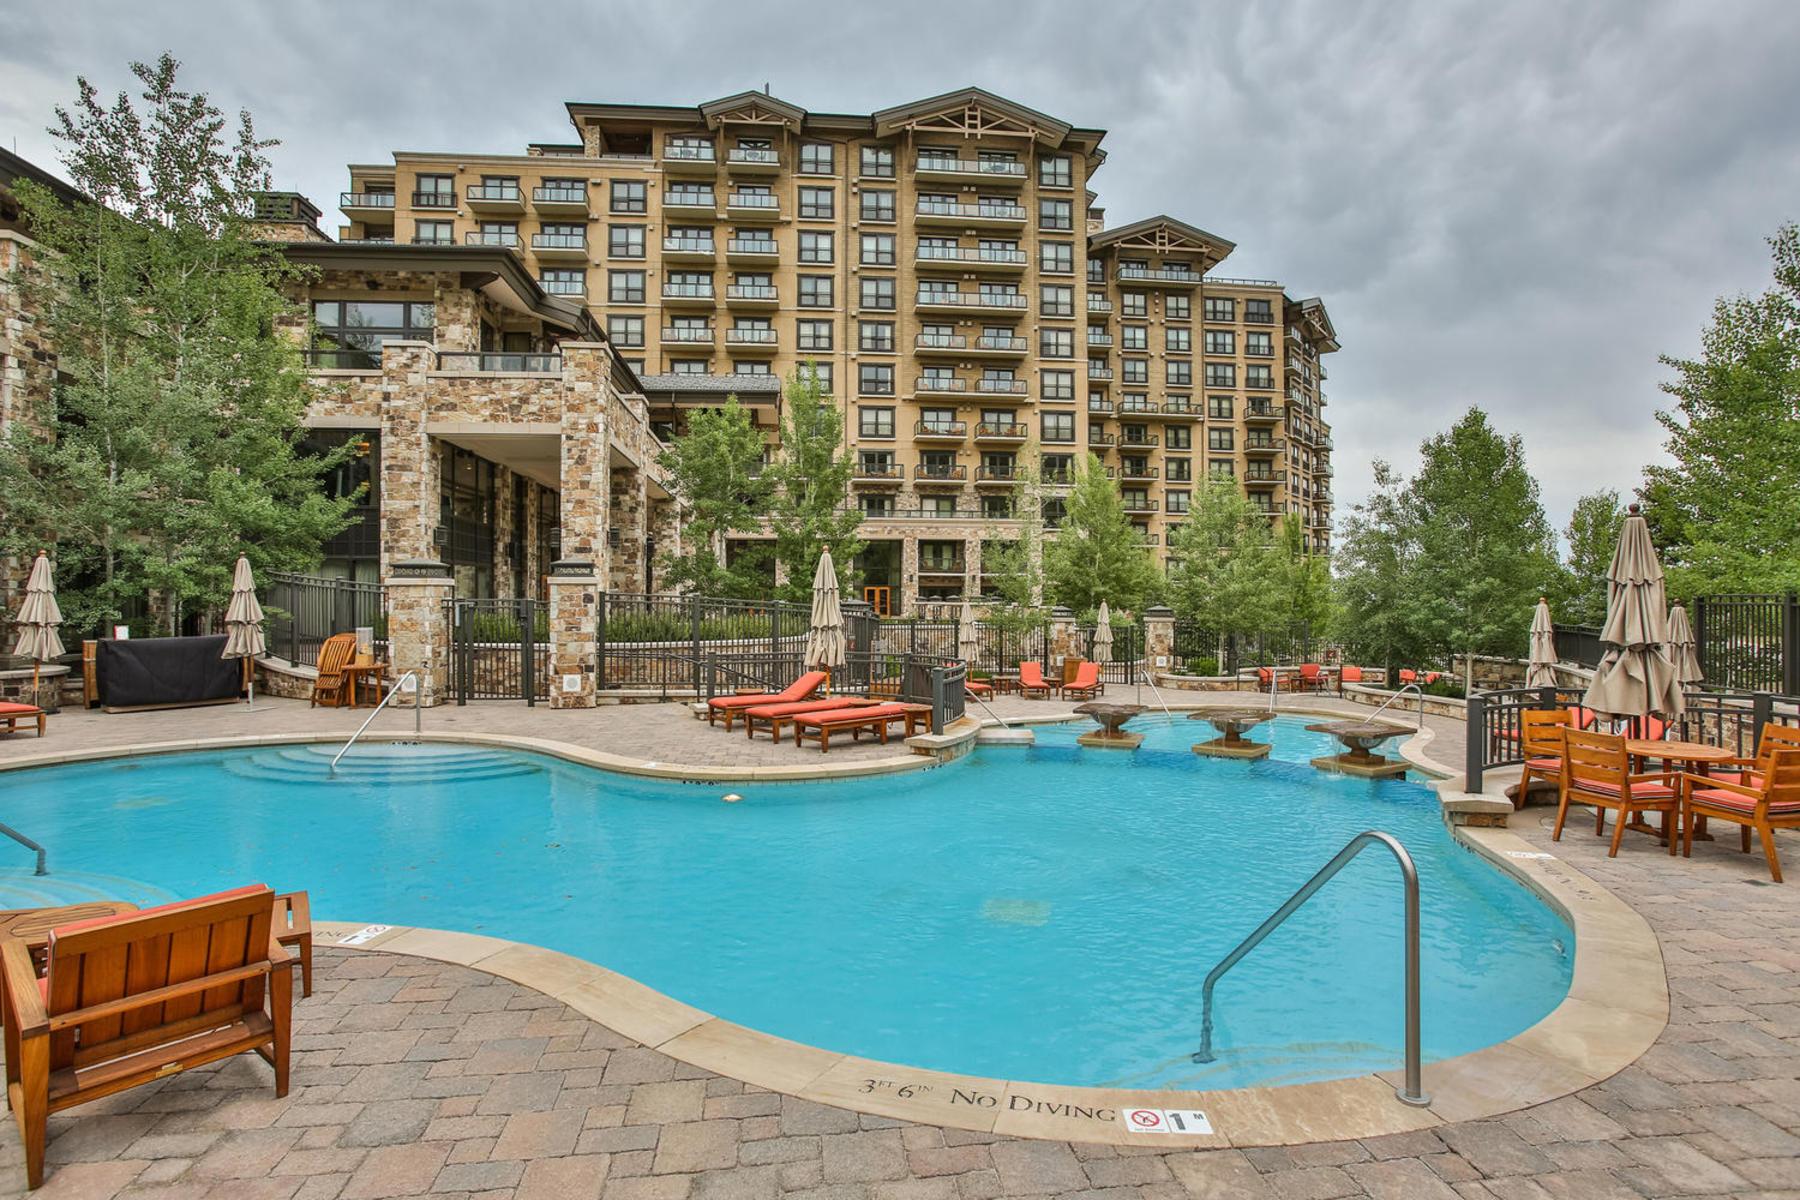 コンドミニアム のために 売買 アット One-bedroom St. Regis Ski Condo 2300 E Deer Valley Dr #318 Park City, ユタ, 84060 アメリカ合衆国